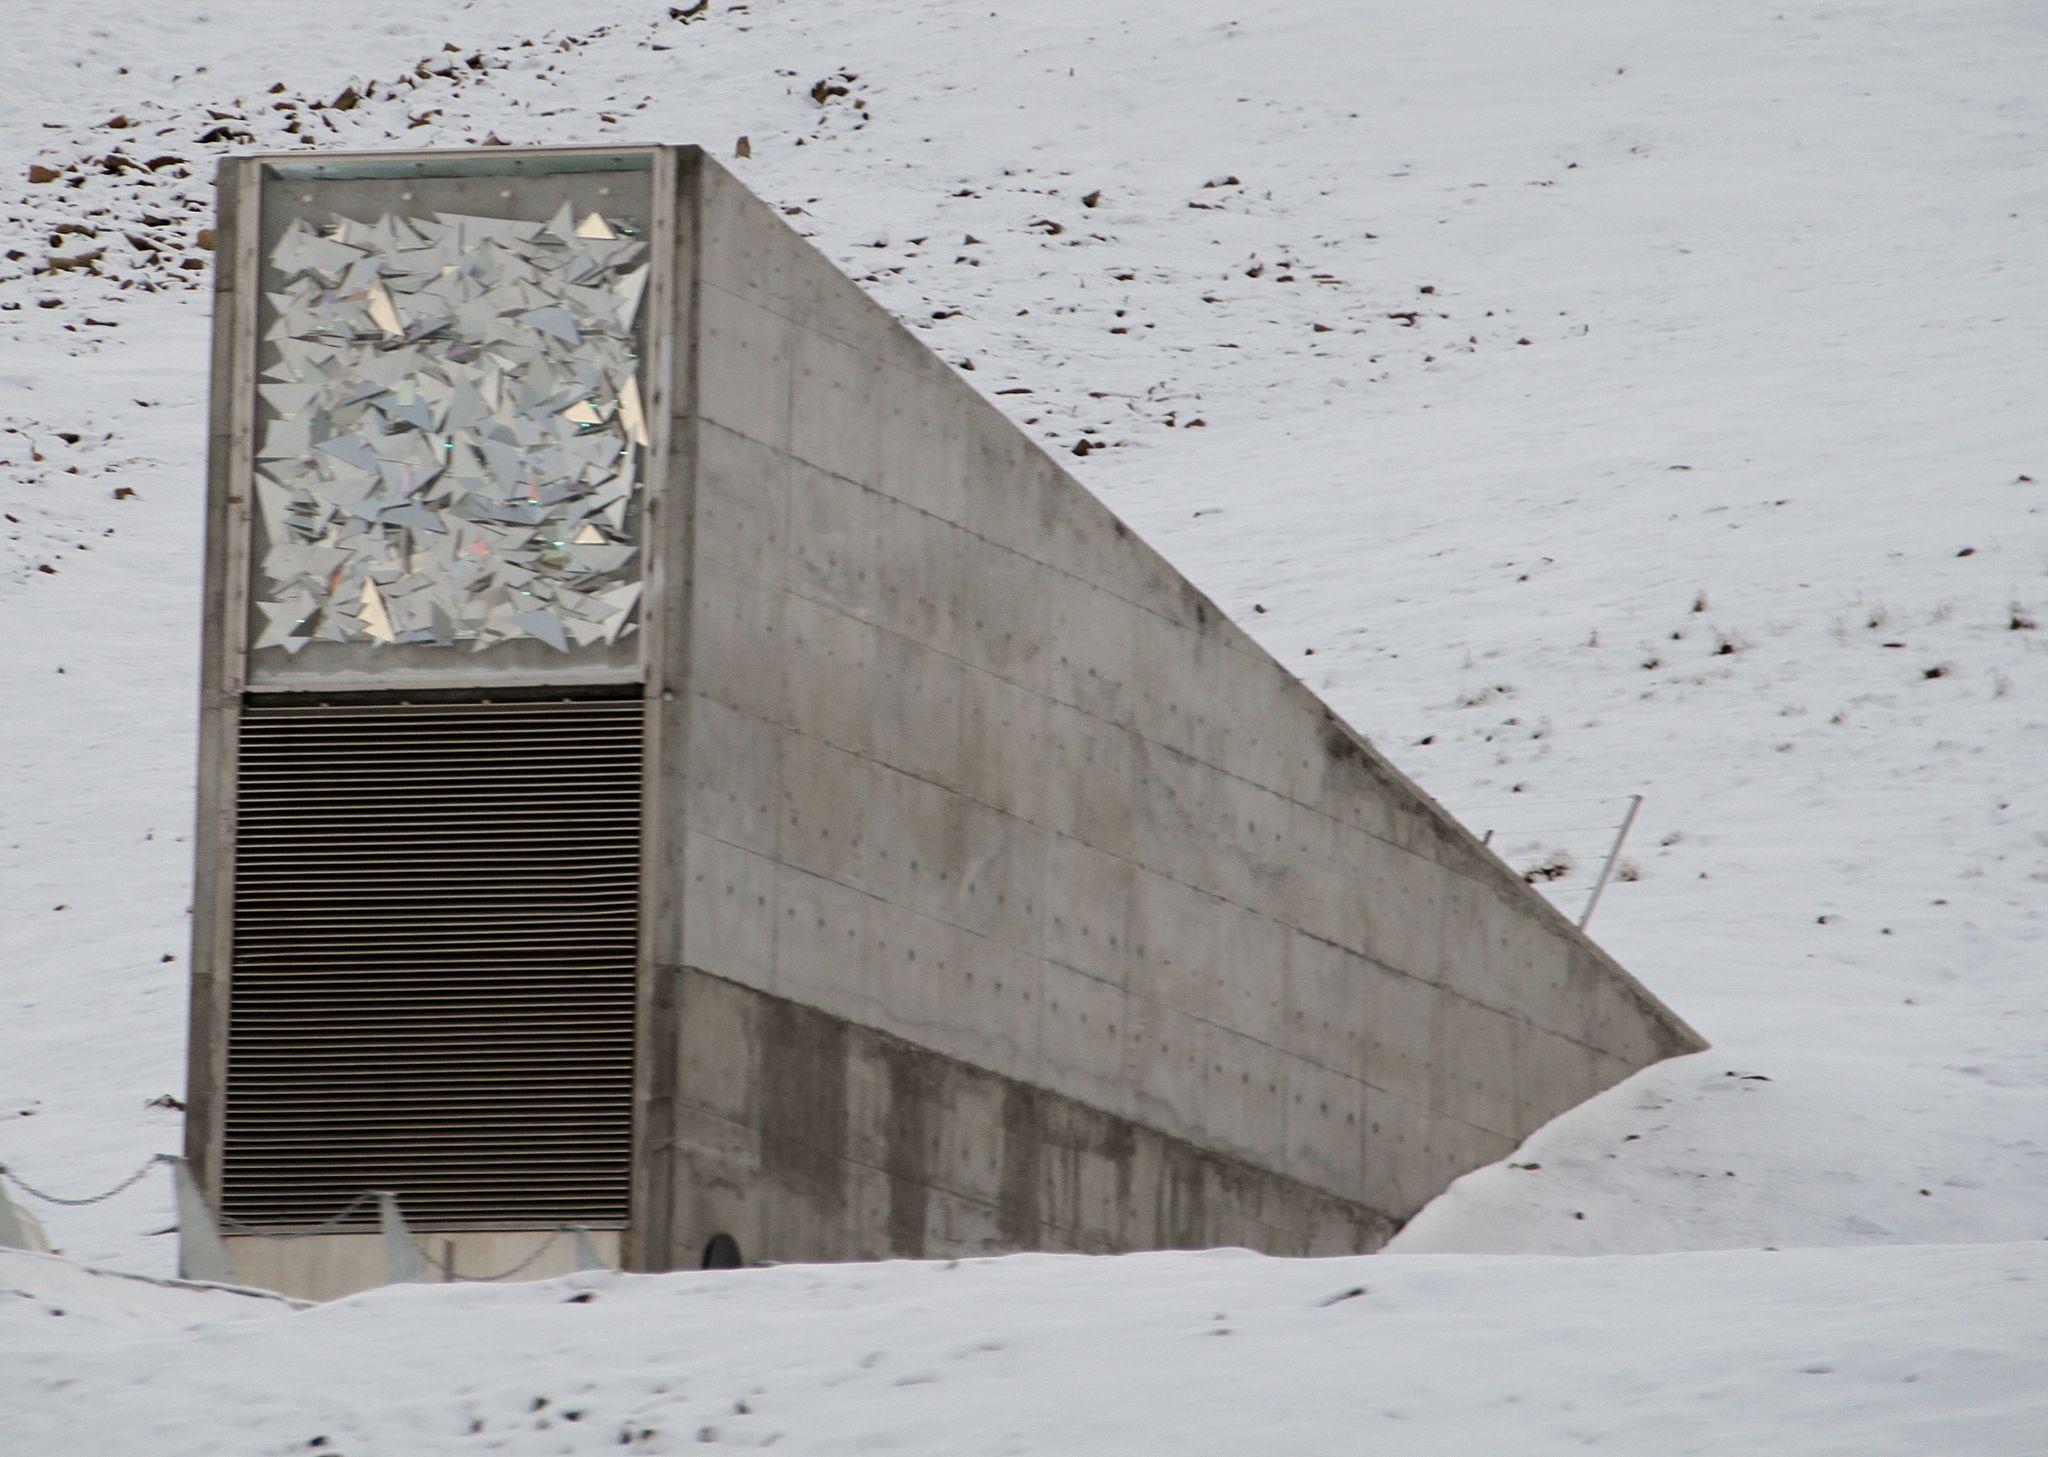 Svalbard seed vault IMG 8894